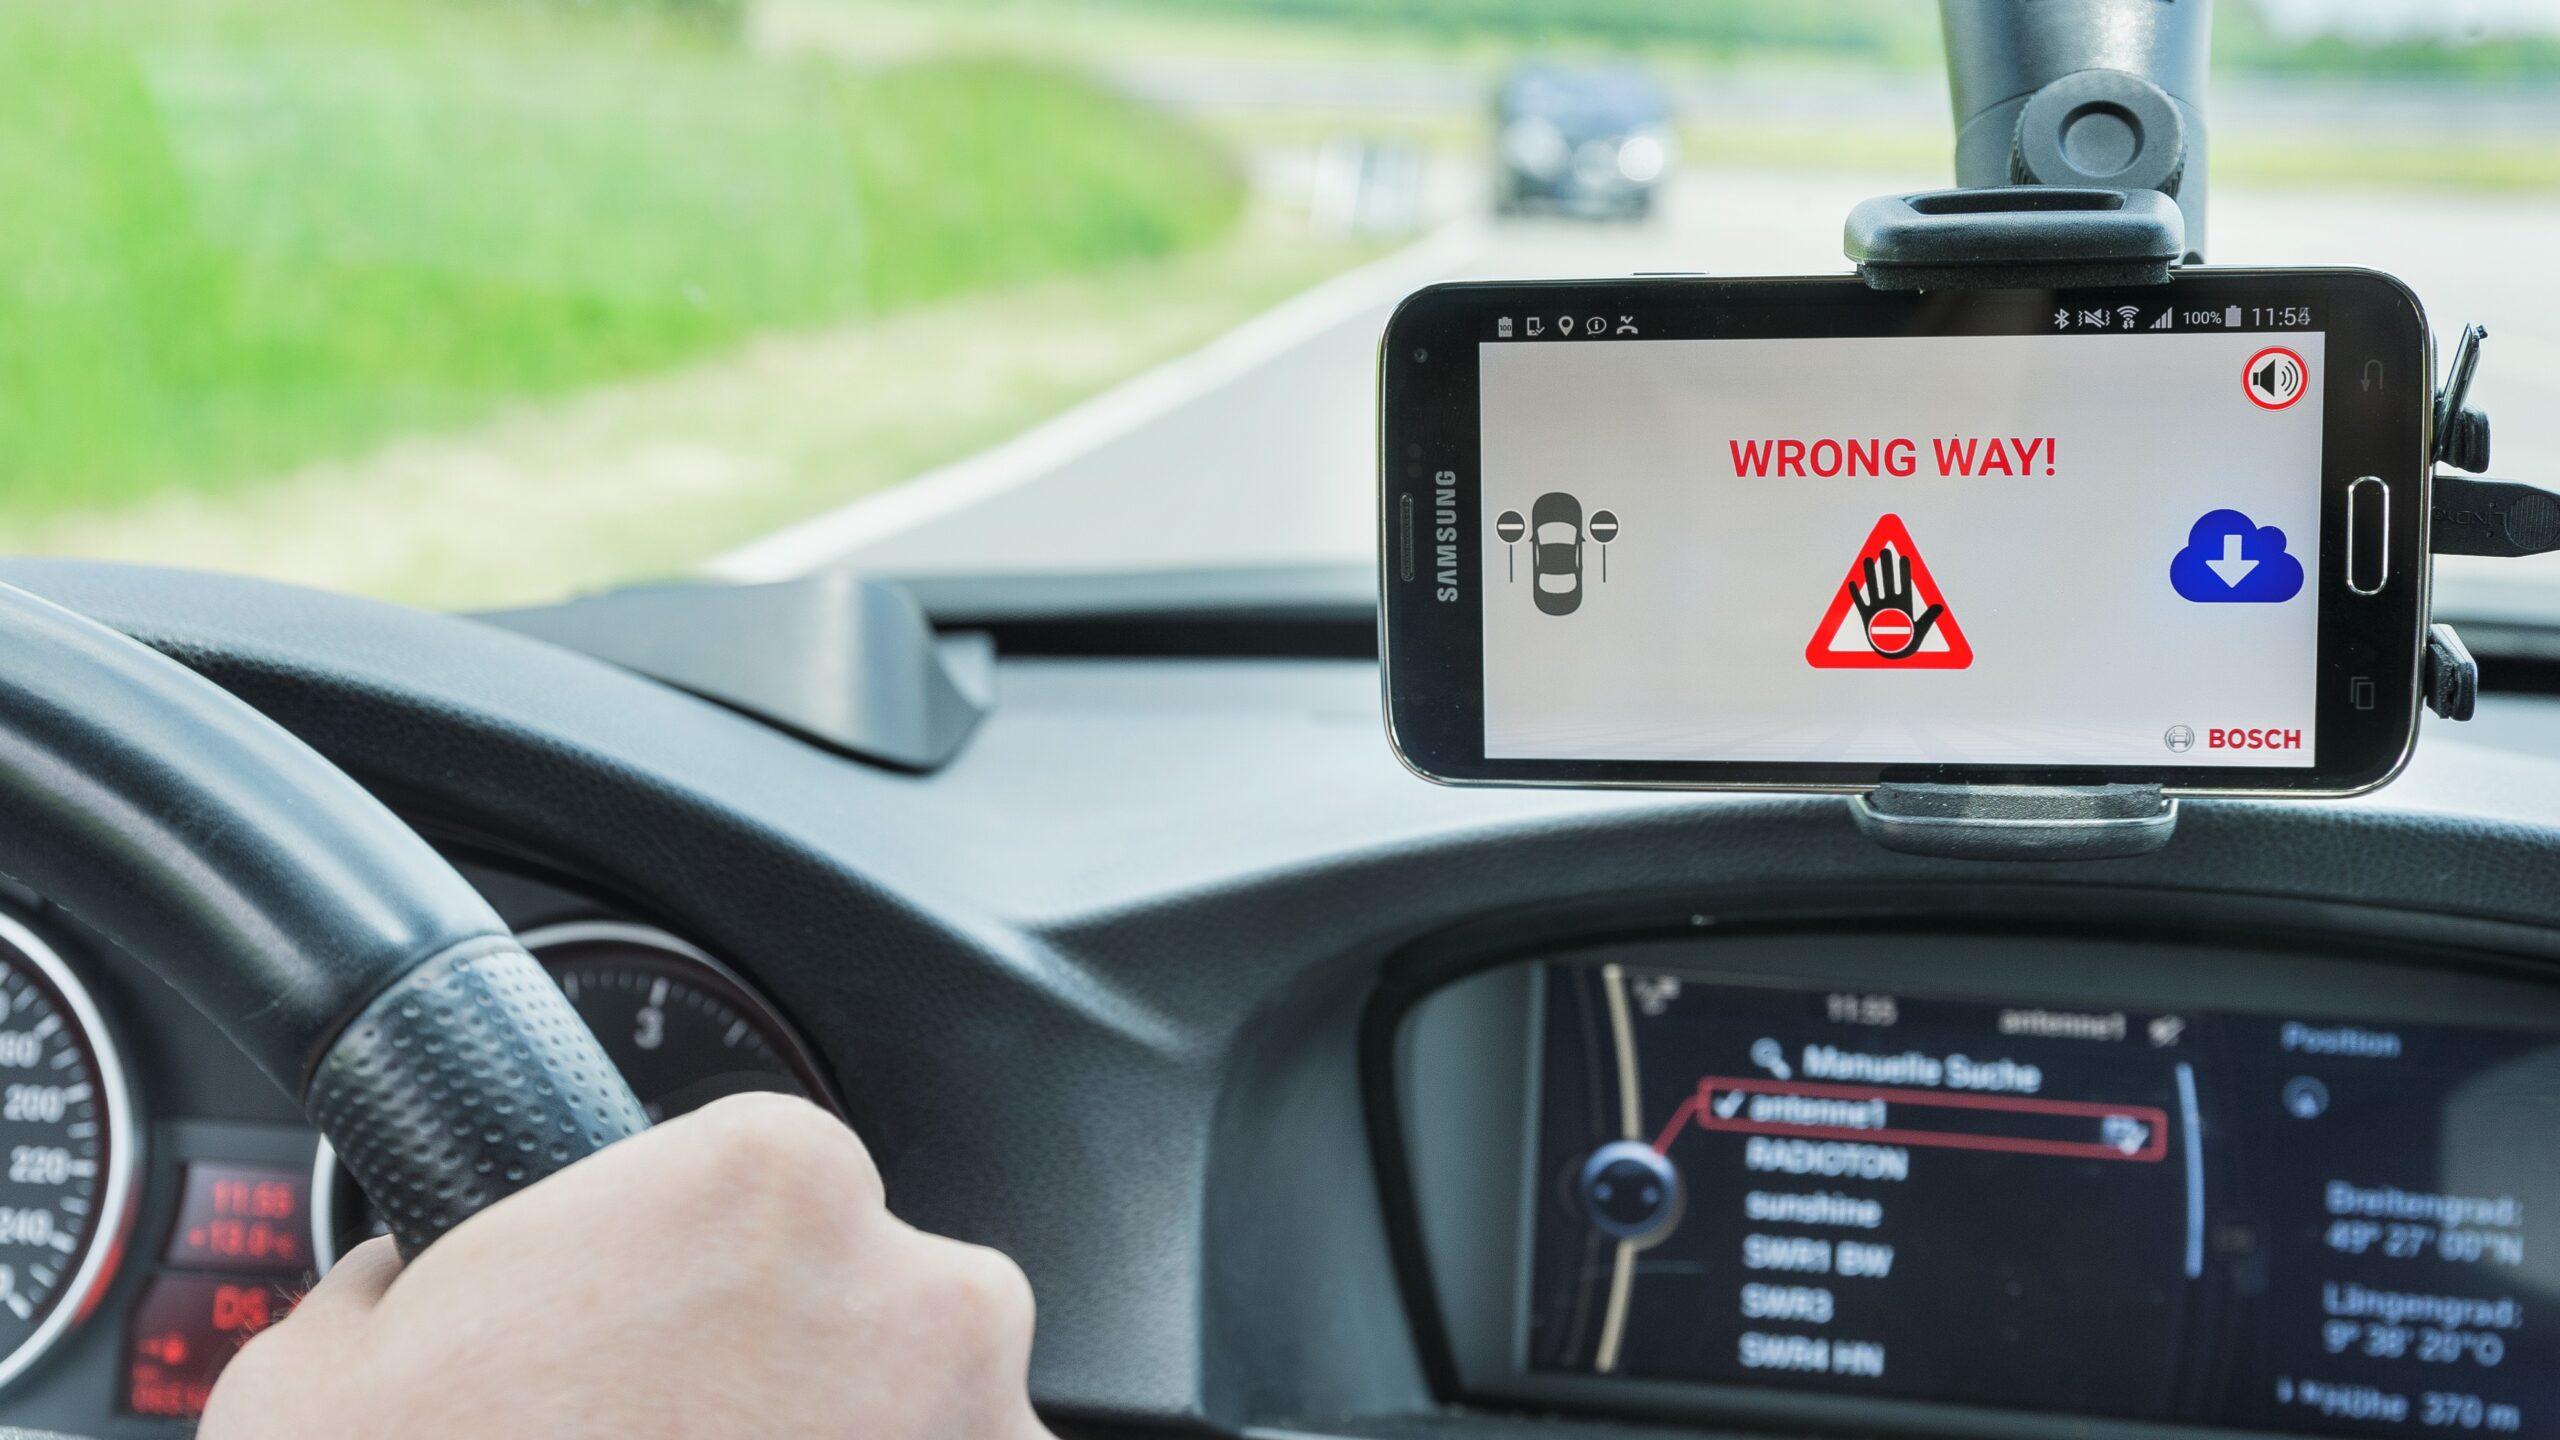 Bosch hindrar spökförare – nytt varningssystem implementeras i Skodas bilar